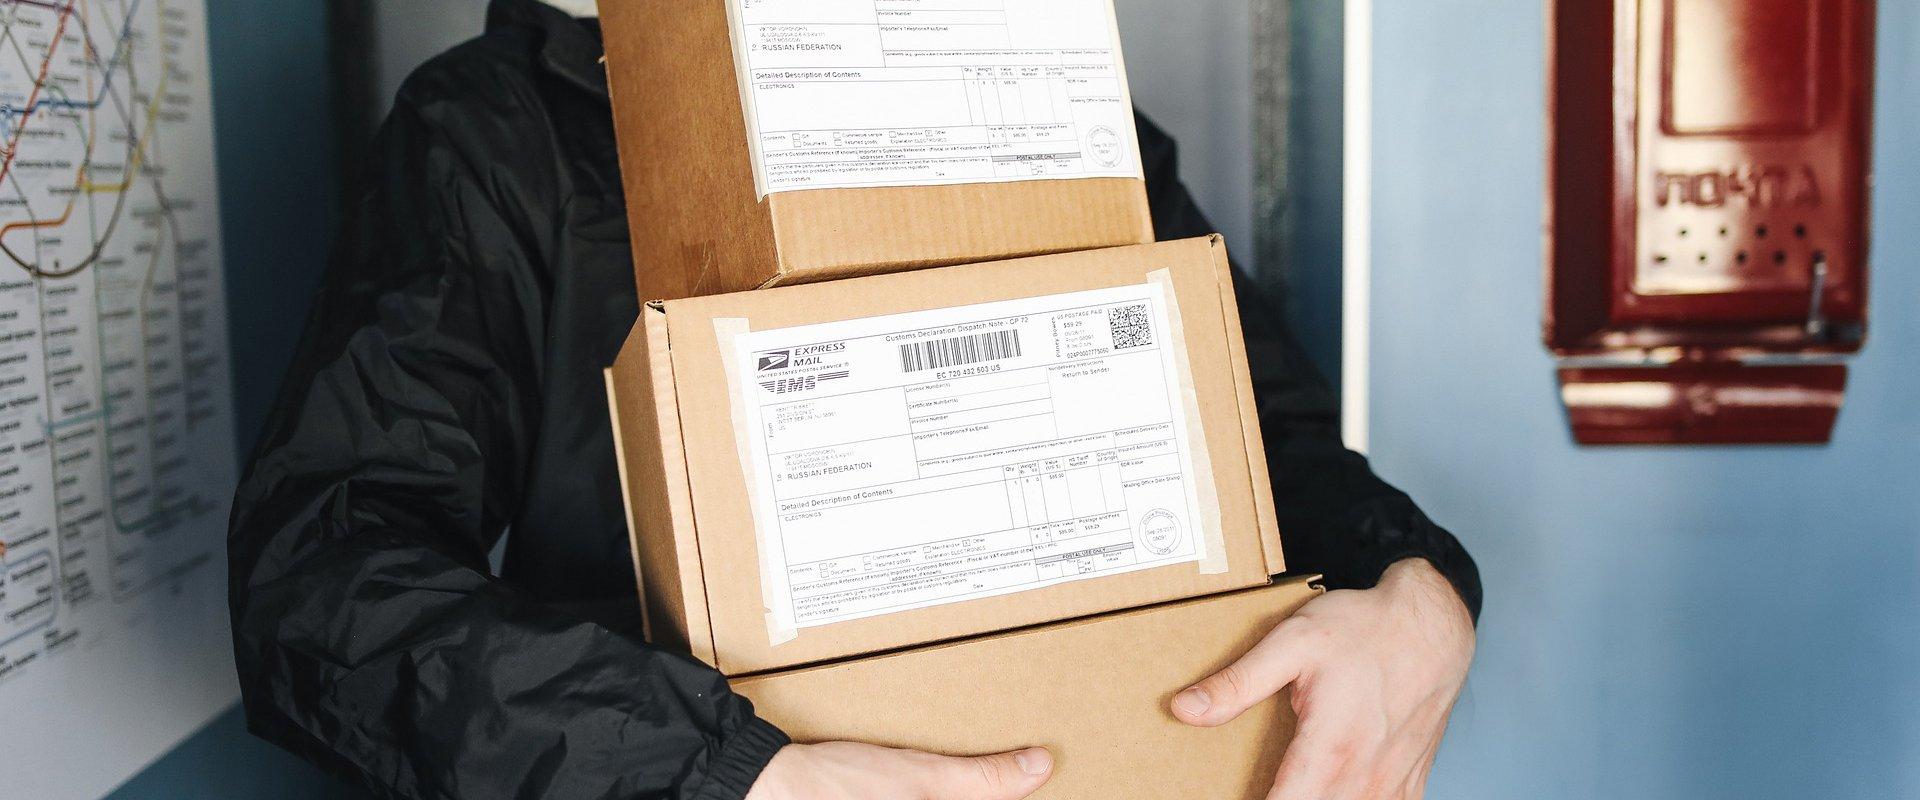 Paket Inhouse Software für hohes Paketaufkommen